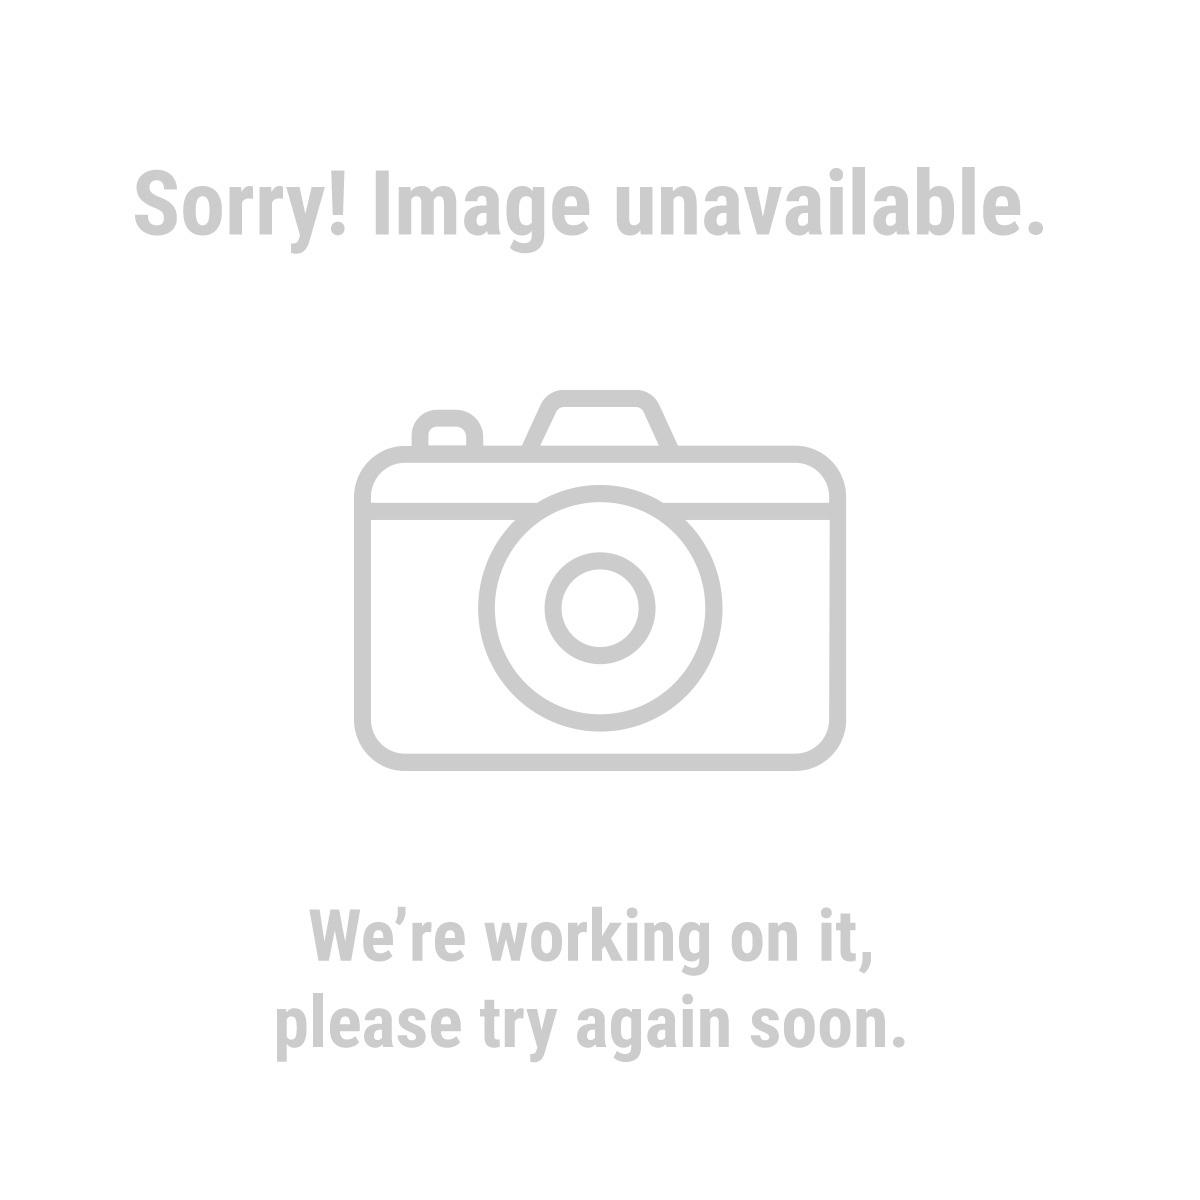 Cen-Tech 62359 Digital Inspection Camera